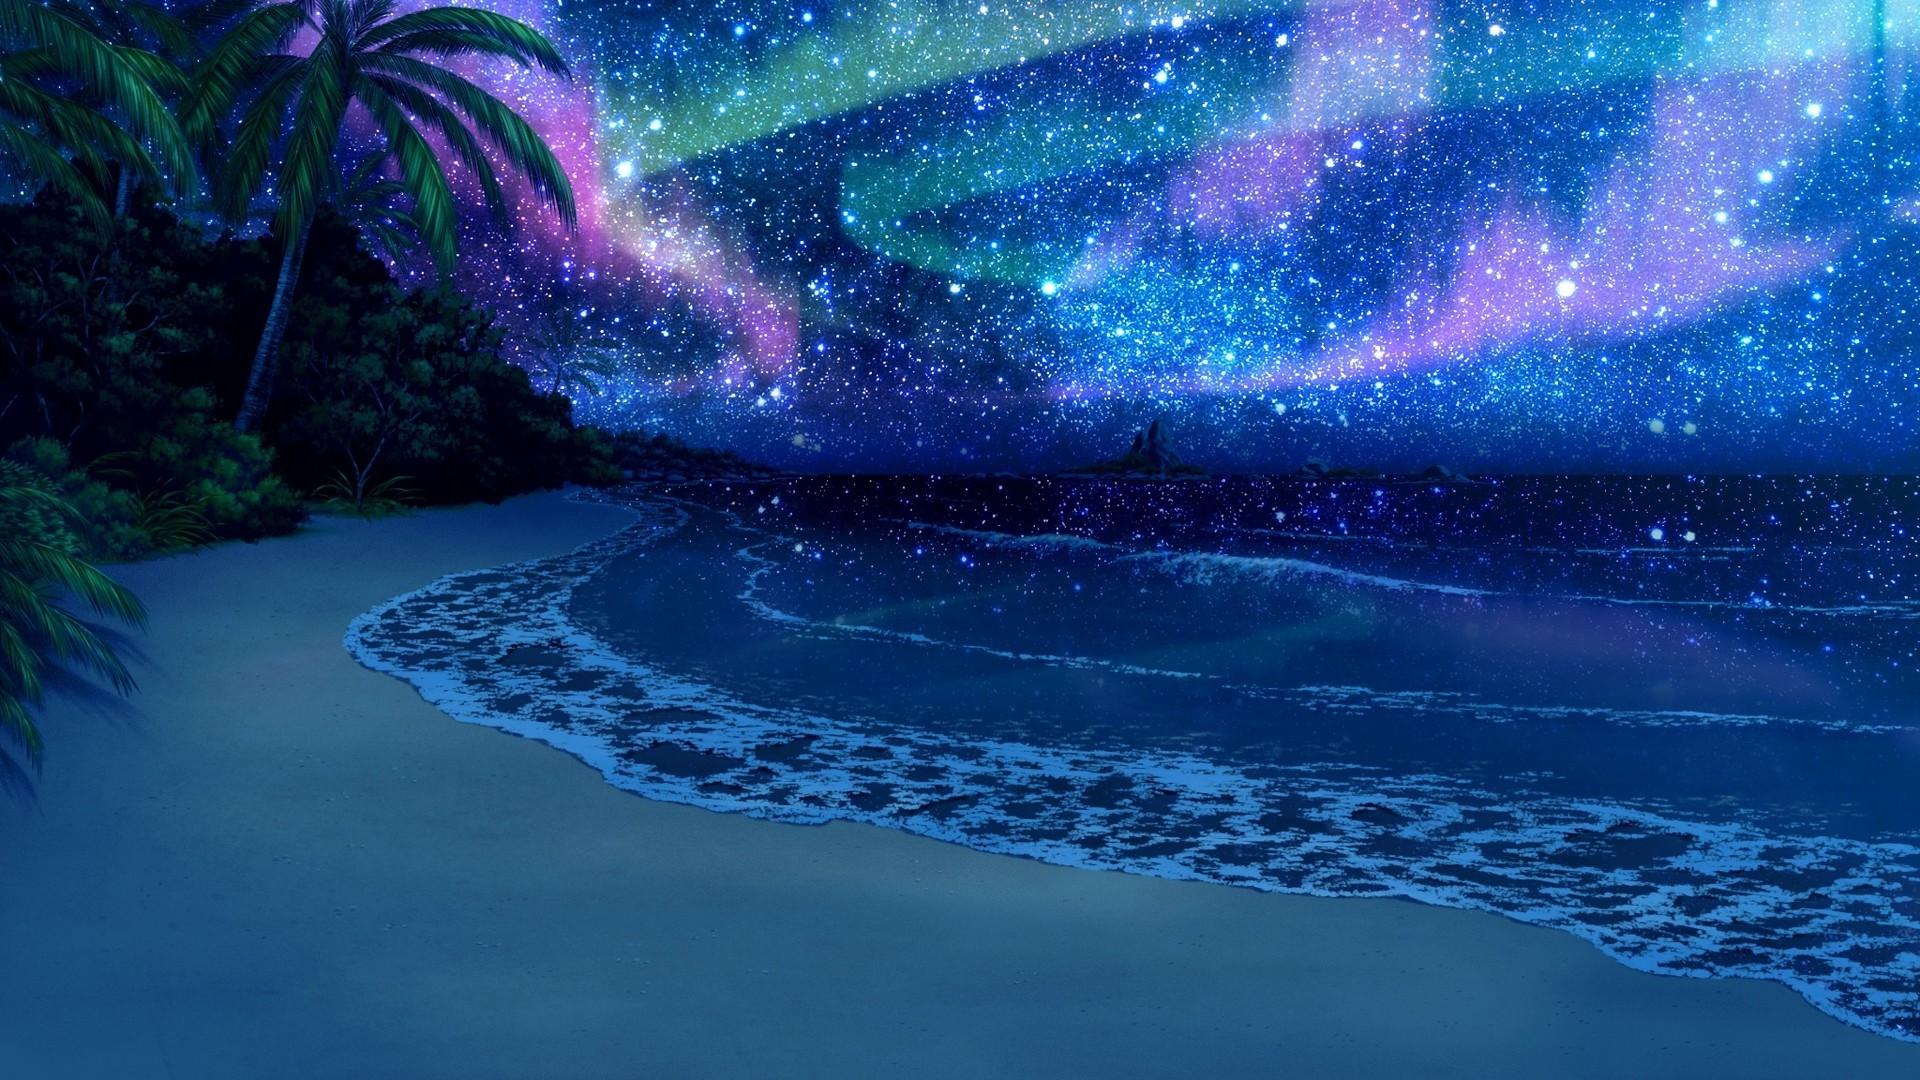 Fondos De Pantalla Del Mar: Fondos De Pantalla : Mar, Noche, Reflexión, Estrellas